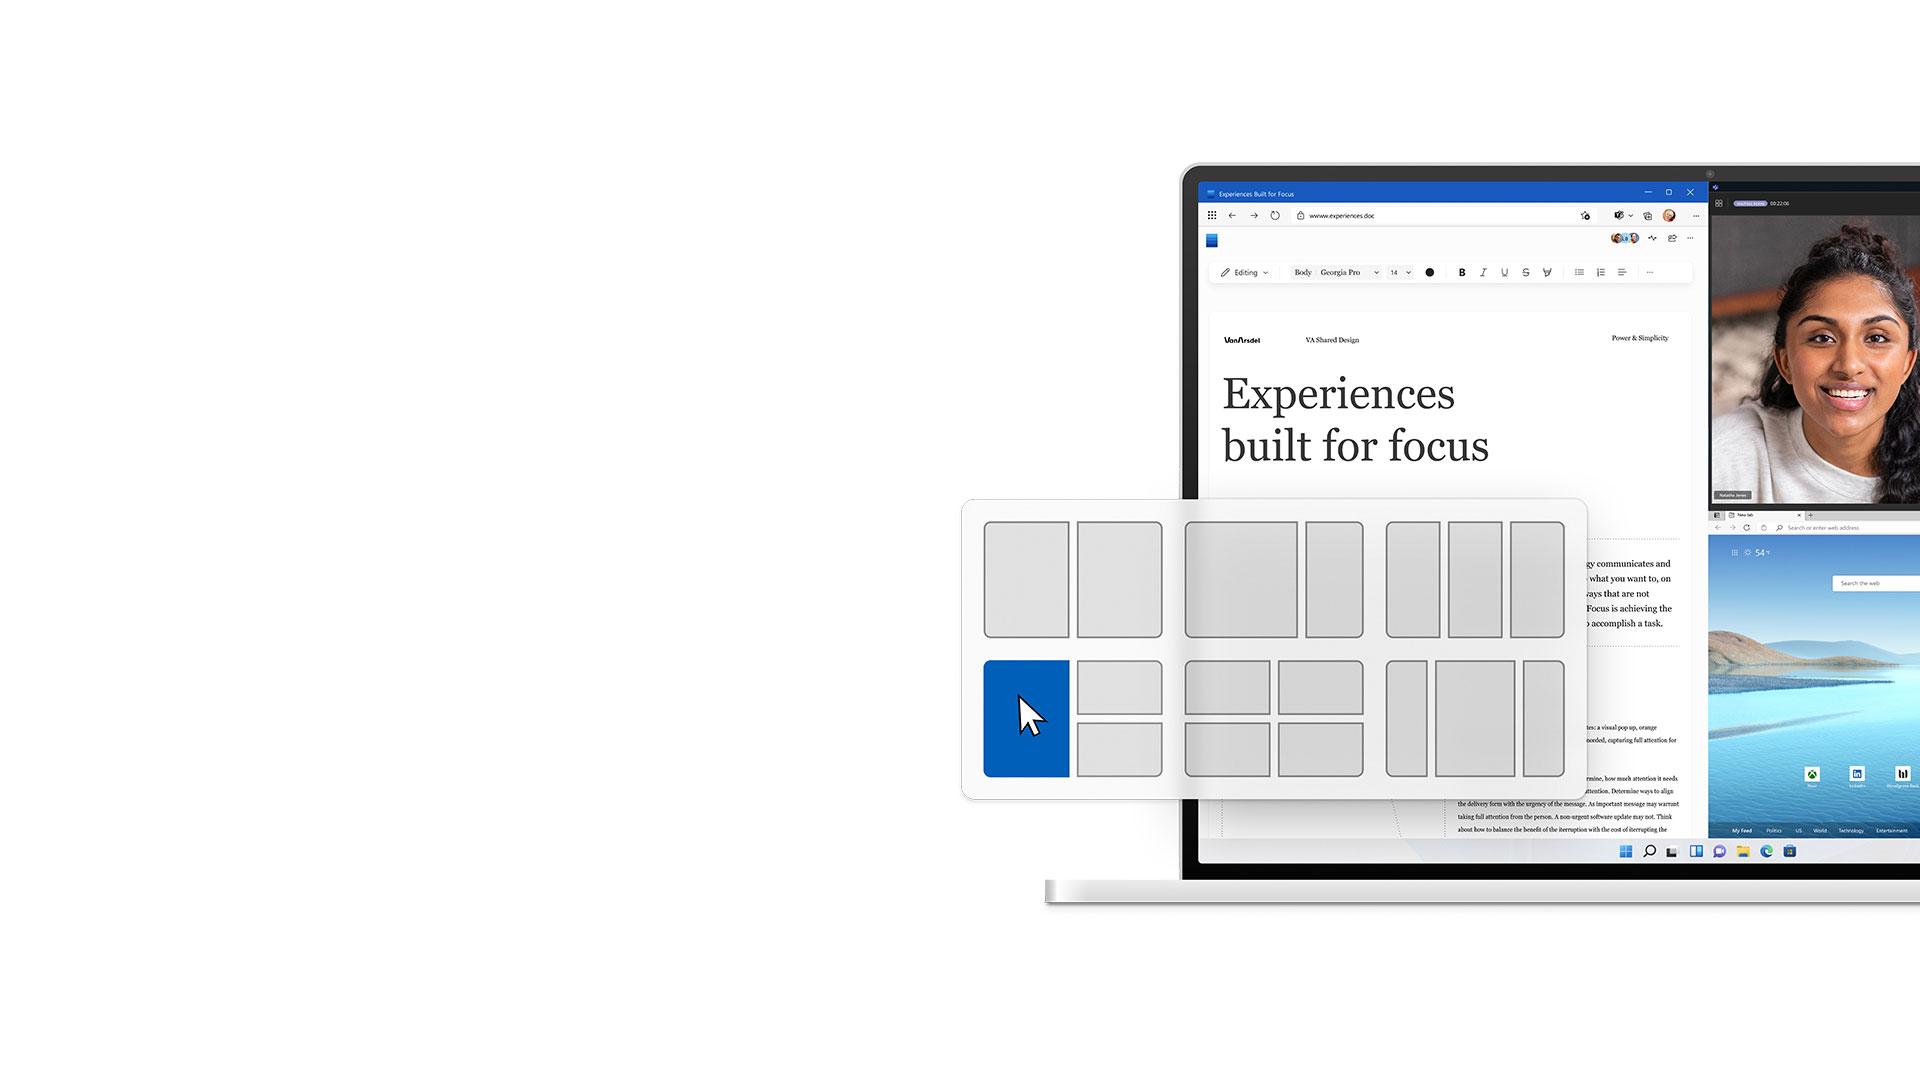 화면 하나에 3개의 응용 프로그램이 표시된 Windows 11 끌기 기능